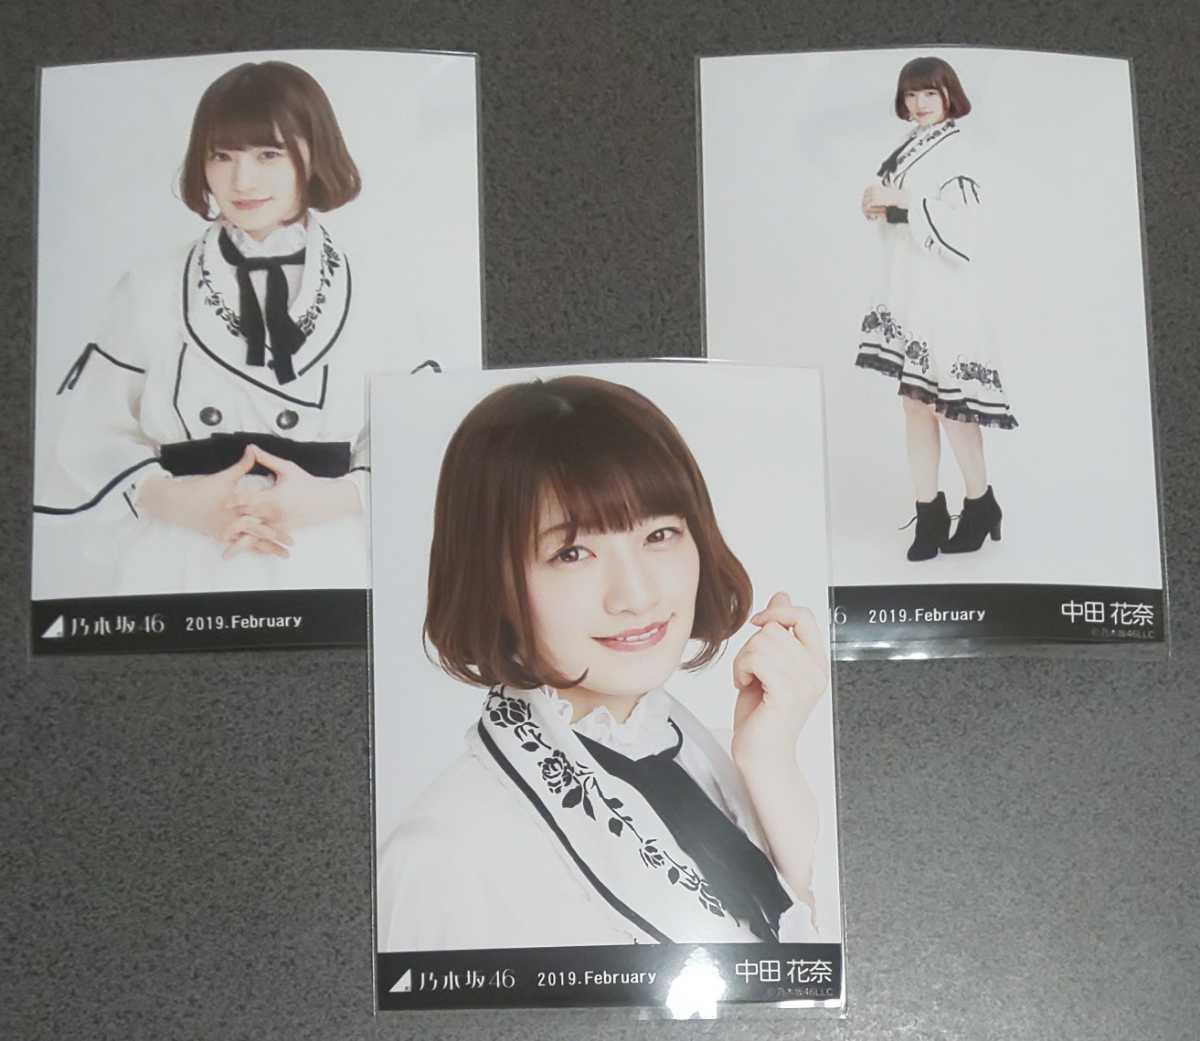 乃木坂46 中田花奈 スペシャル衣装15 生写真 3種 2019.February コンプ